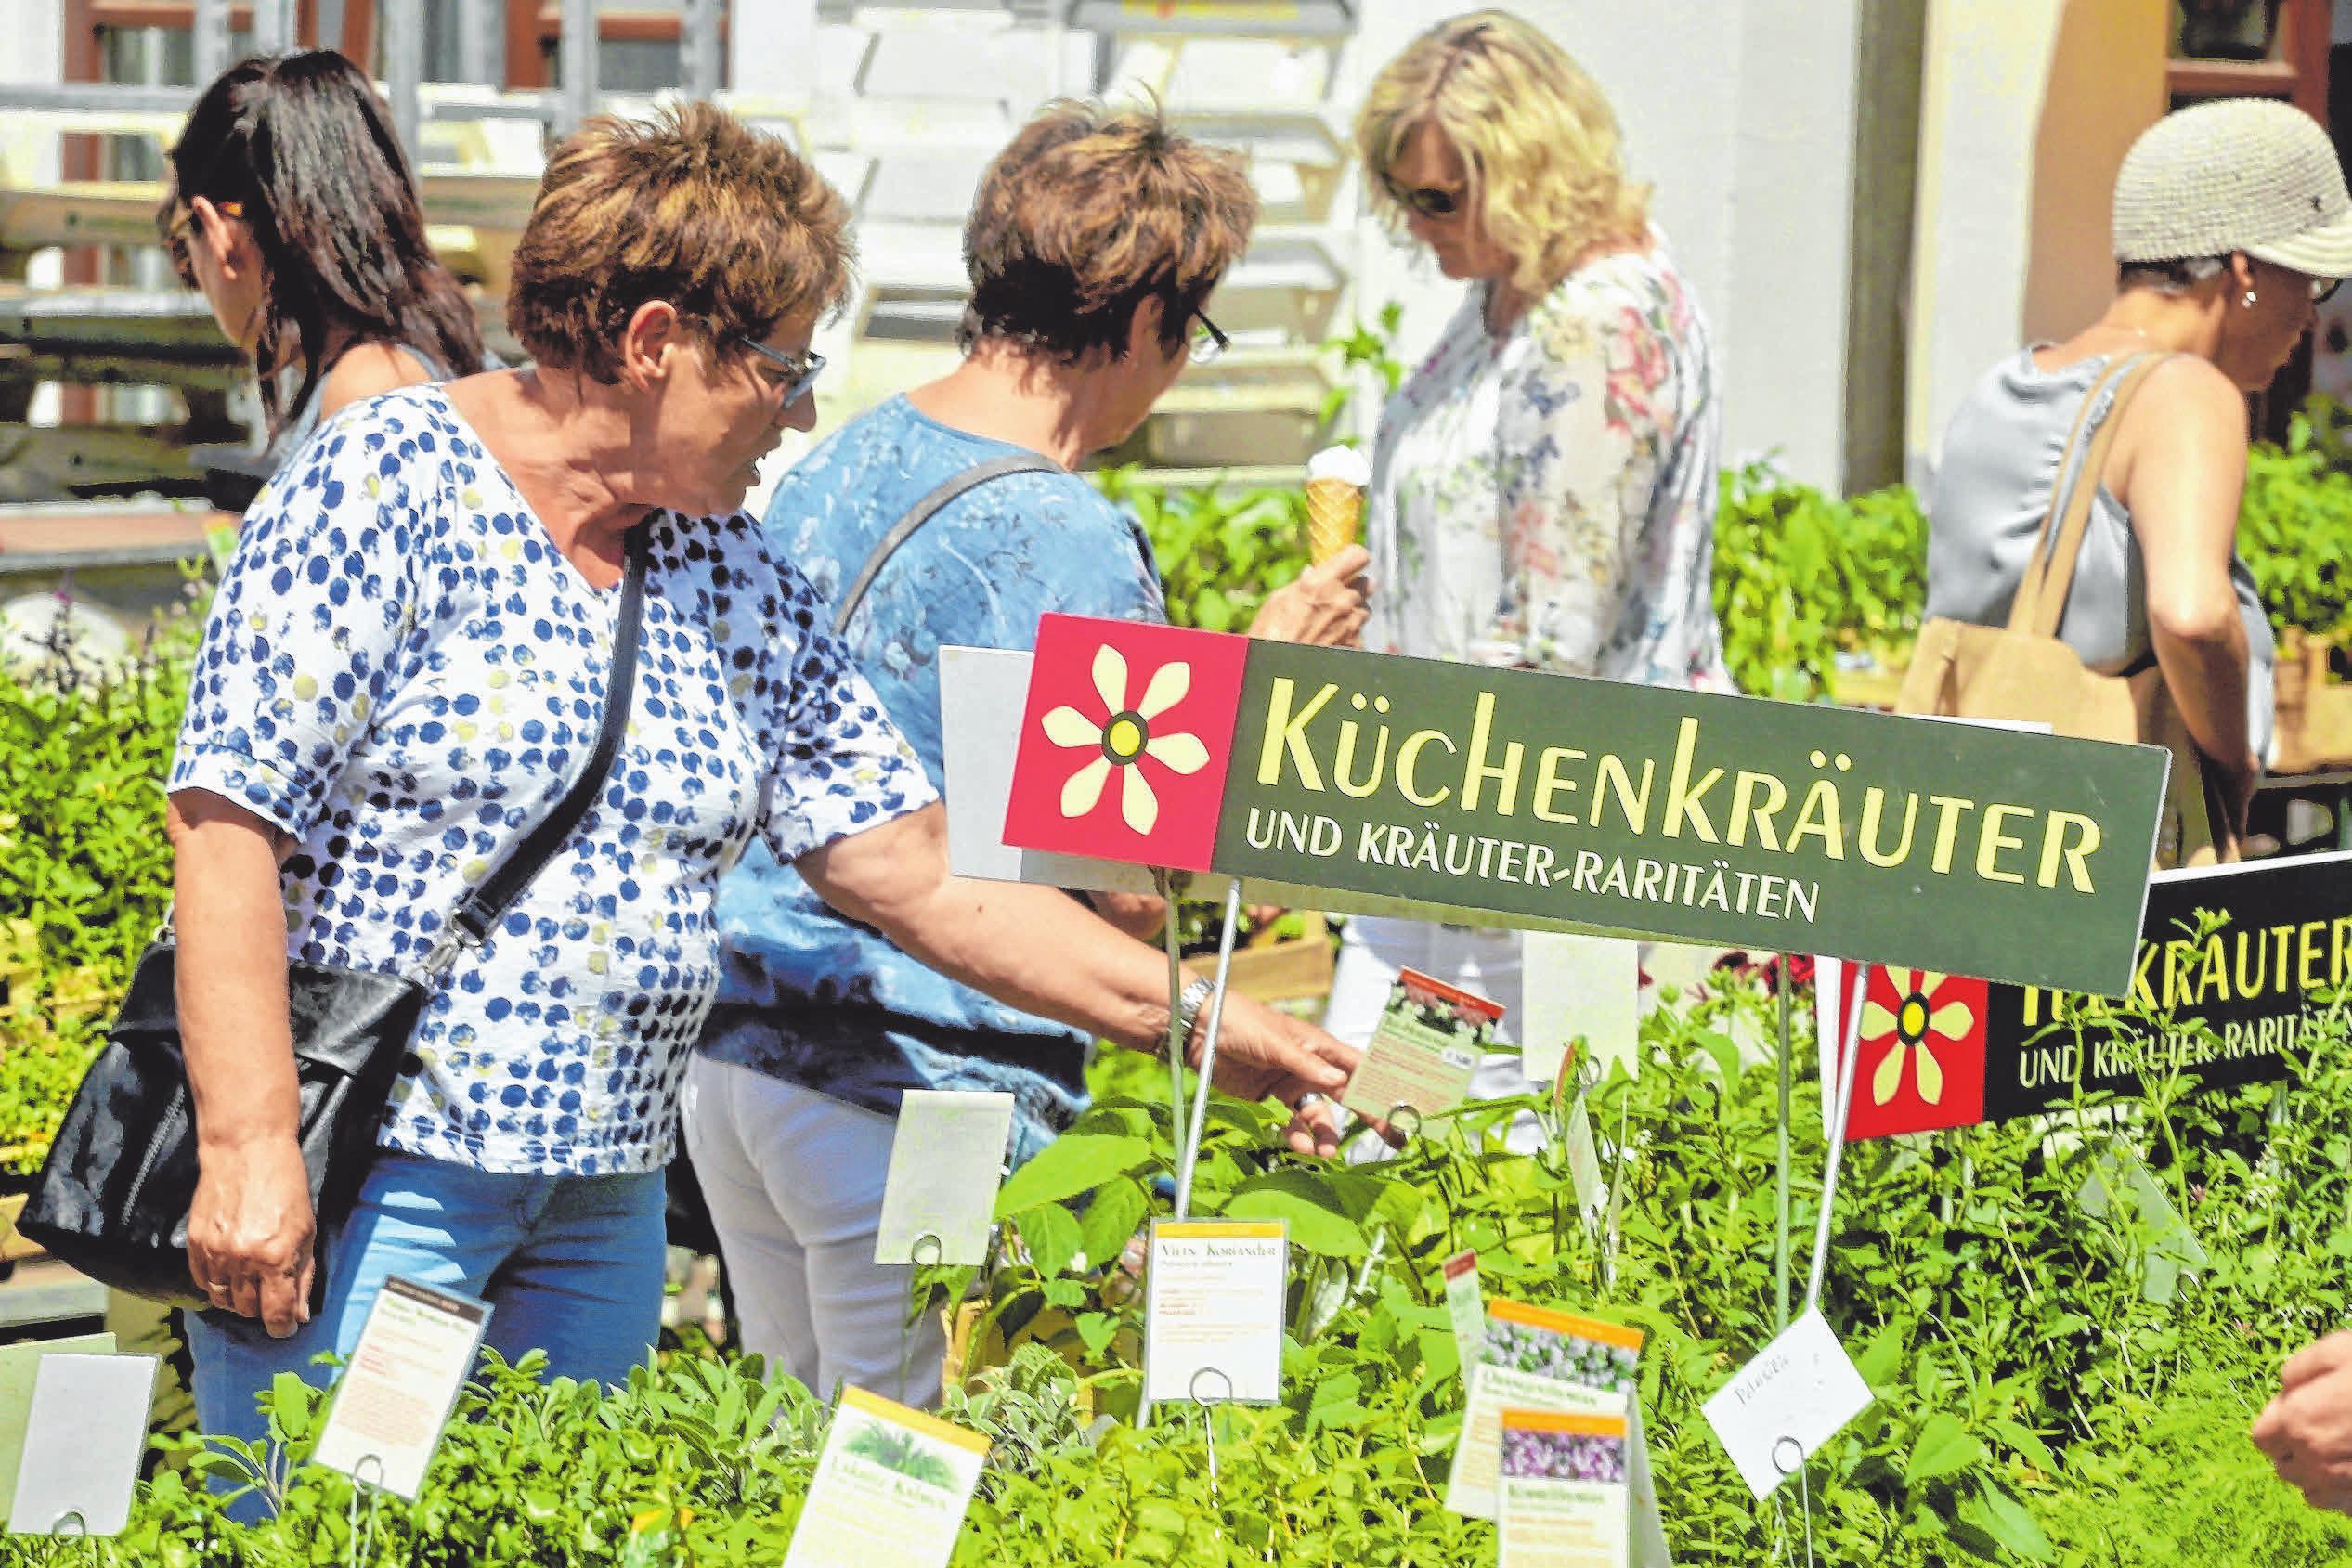 Das Angebot an Küchenkräutern ist groß und nicht nur das. FOTO: FERDINAND LEINECKER